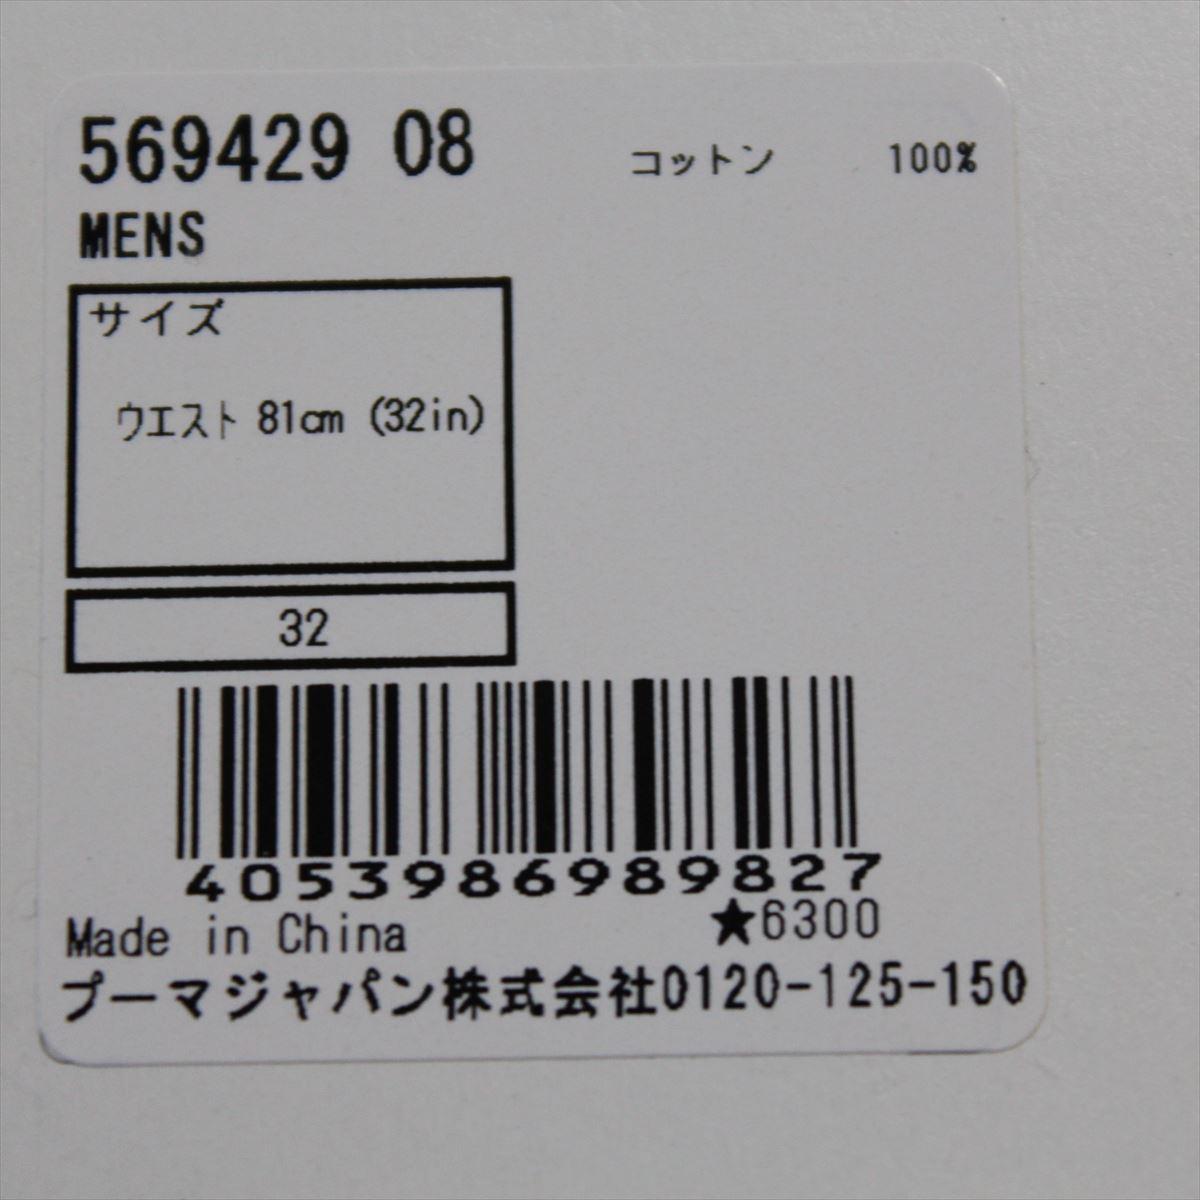 プーマ PUMA メンズ ショートパンツ テニスショーツ ハーフパンツ 短パン ベージュ US32 新品 モノグラム_画像4